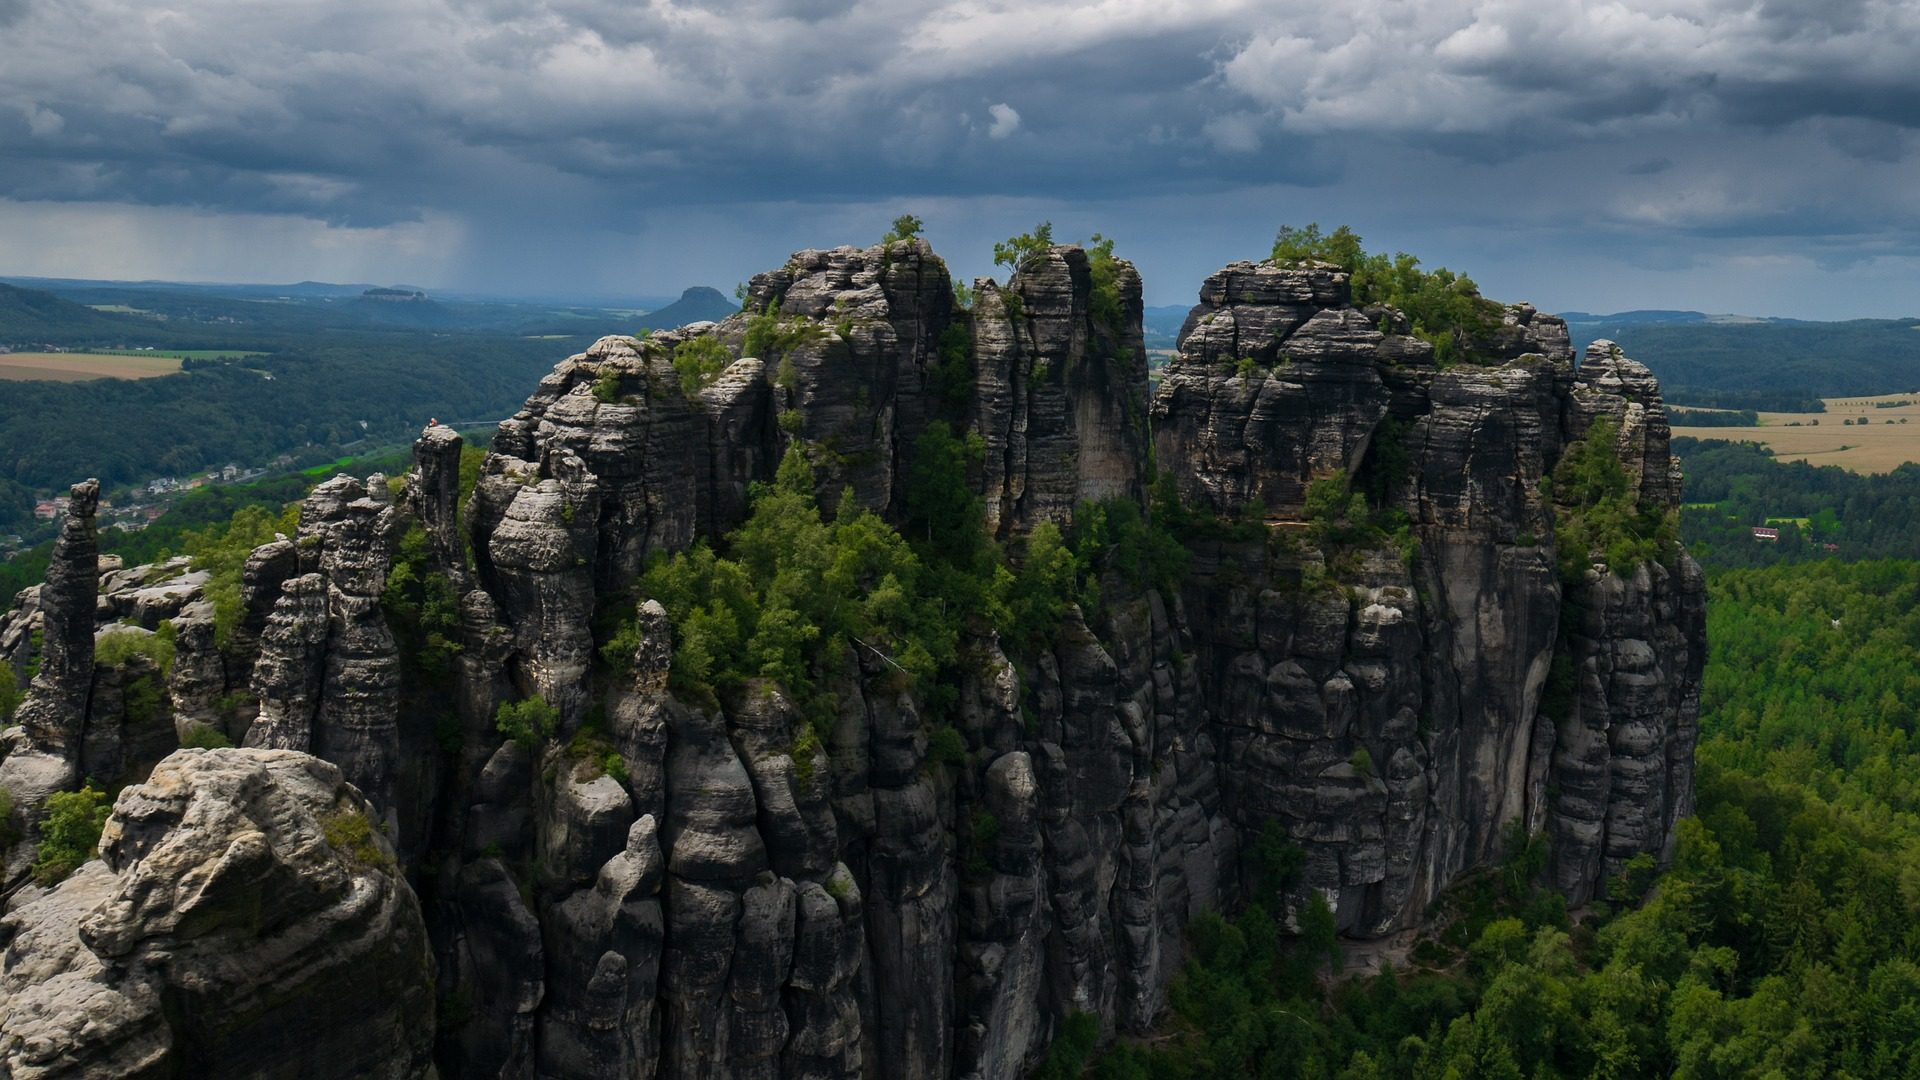 الجبل, ستون, موسيقى الروك, الارتفاع, كليف, الدوار, الحجر الرملي الألب - خلفيات عالية الدقة - أستاذ falken.com